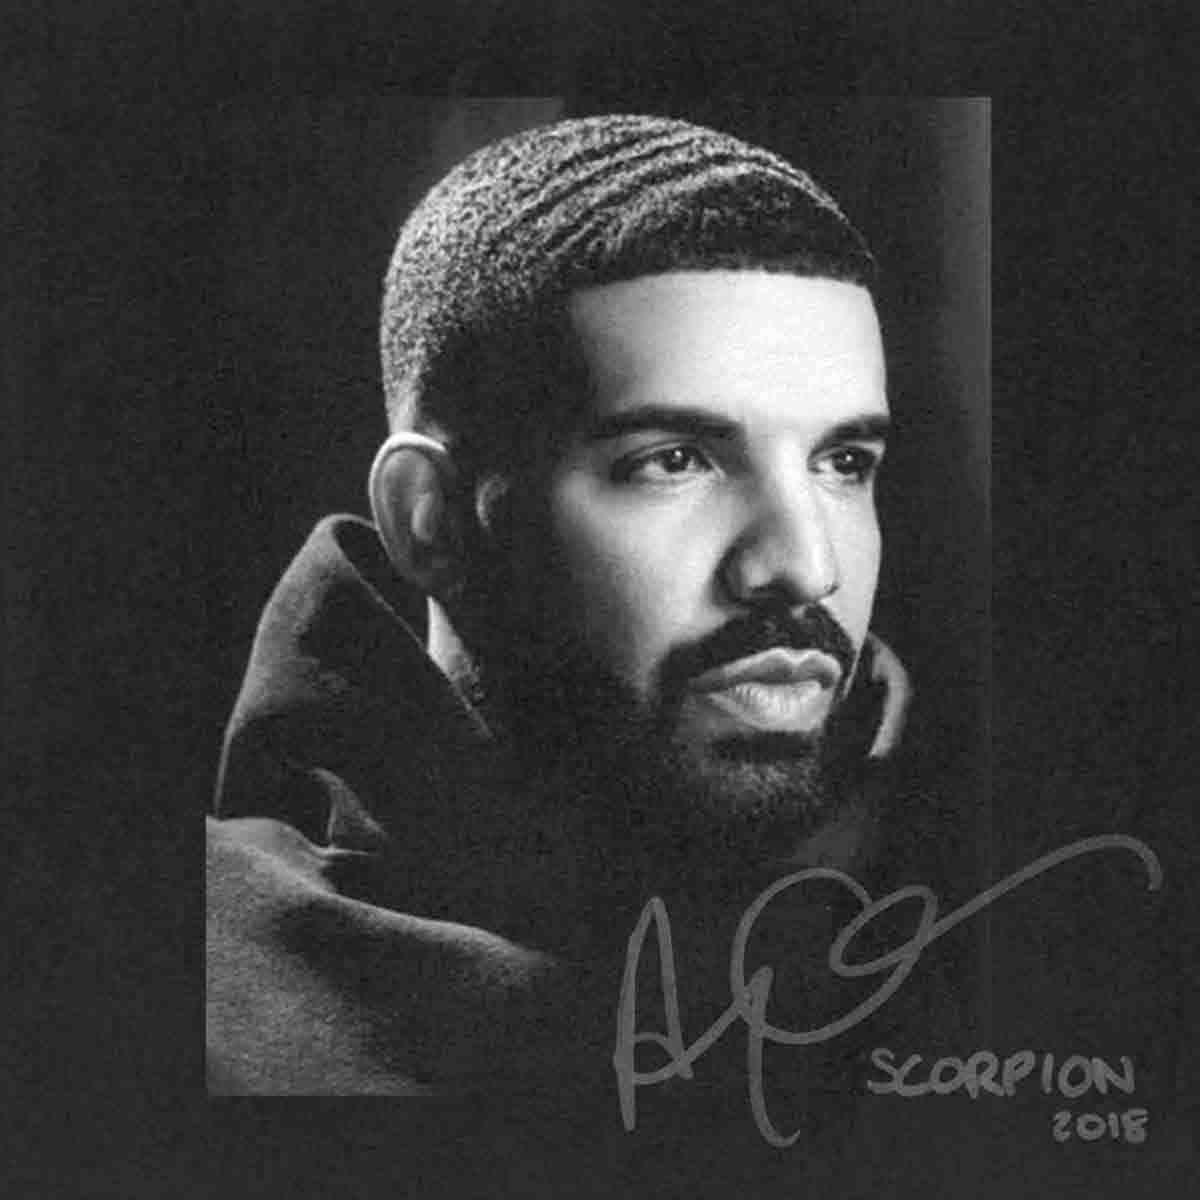 Drake Scorpion 2018 рэп музыкальный альбом хип хоп арт постер принт Настенный декор 12x12 24x24